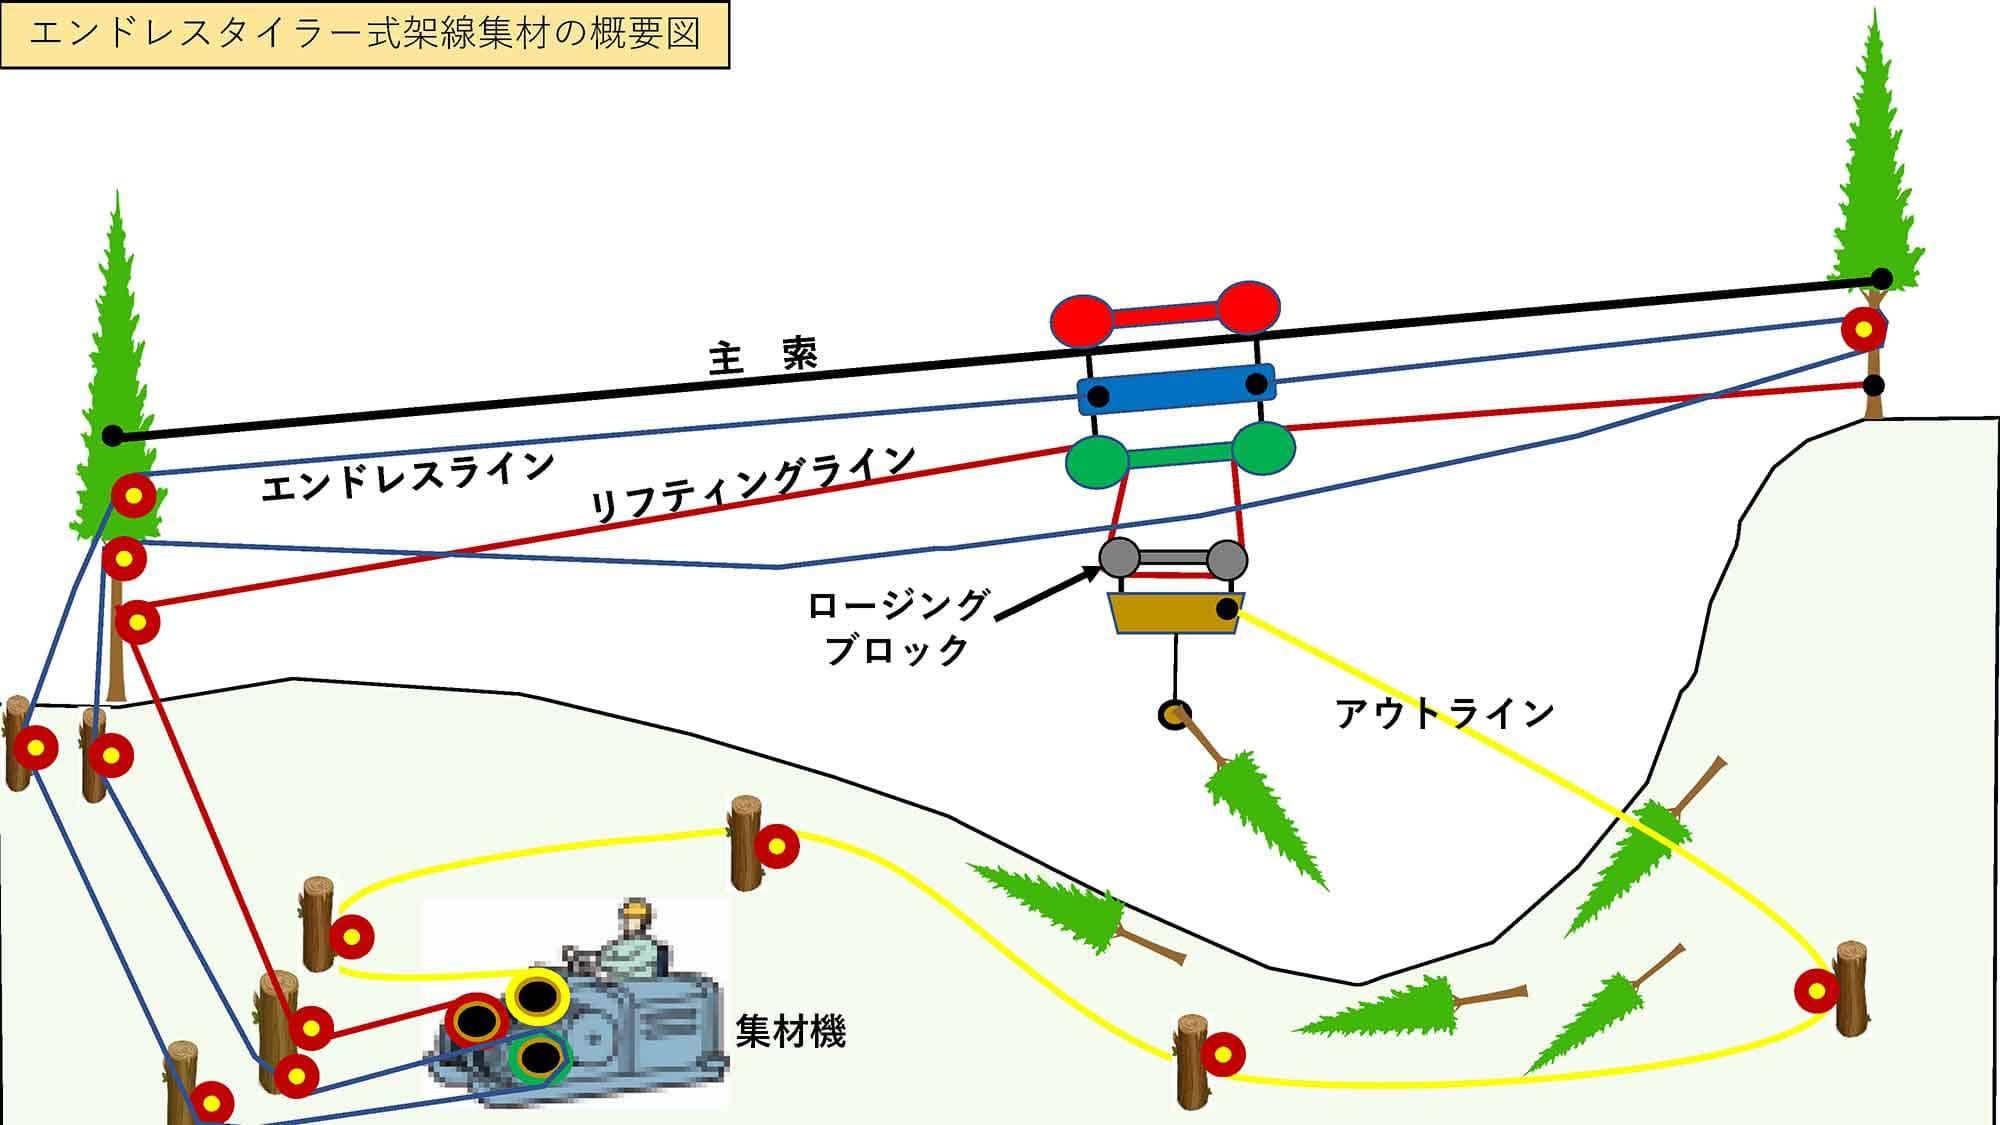 「エンドレスタイラー式」の架線集材